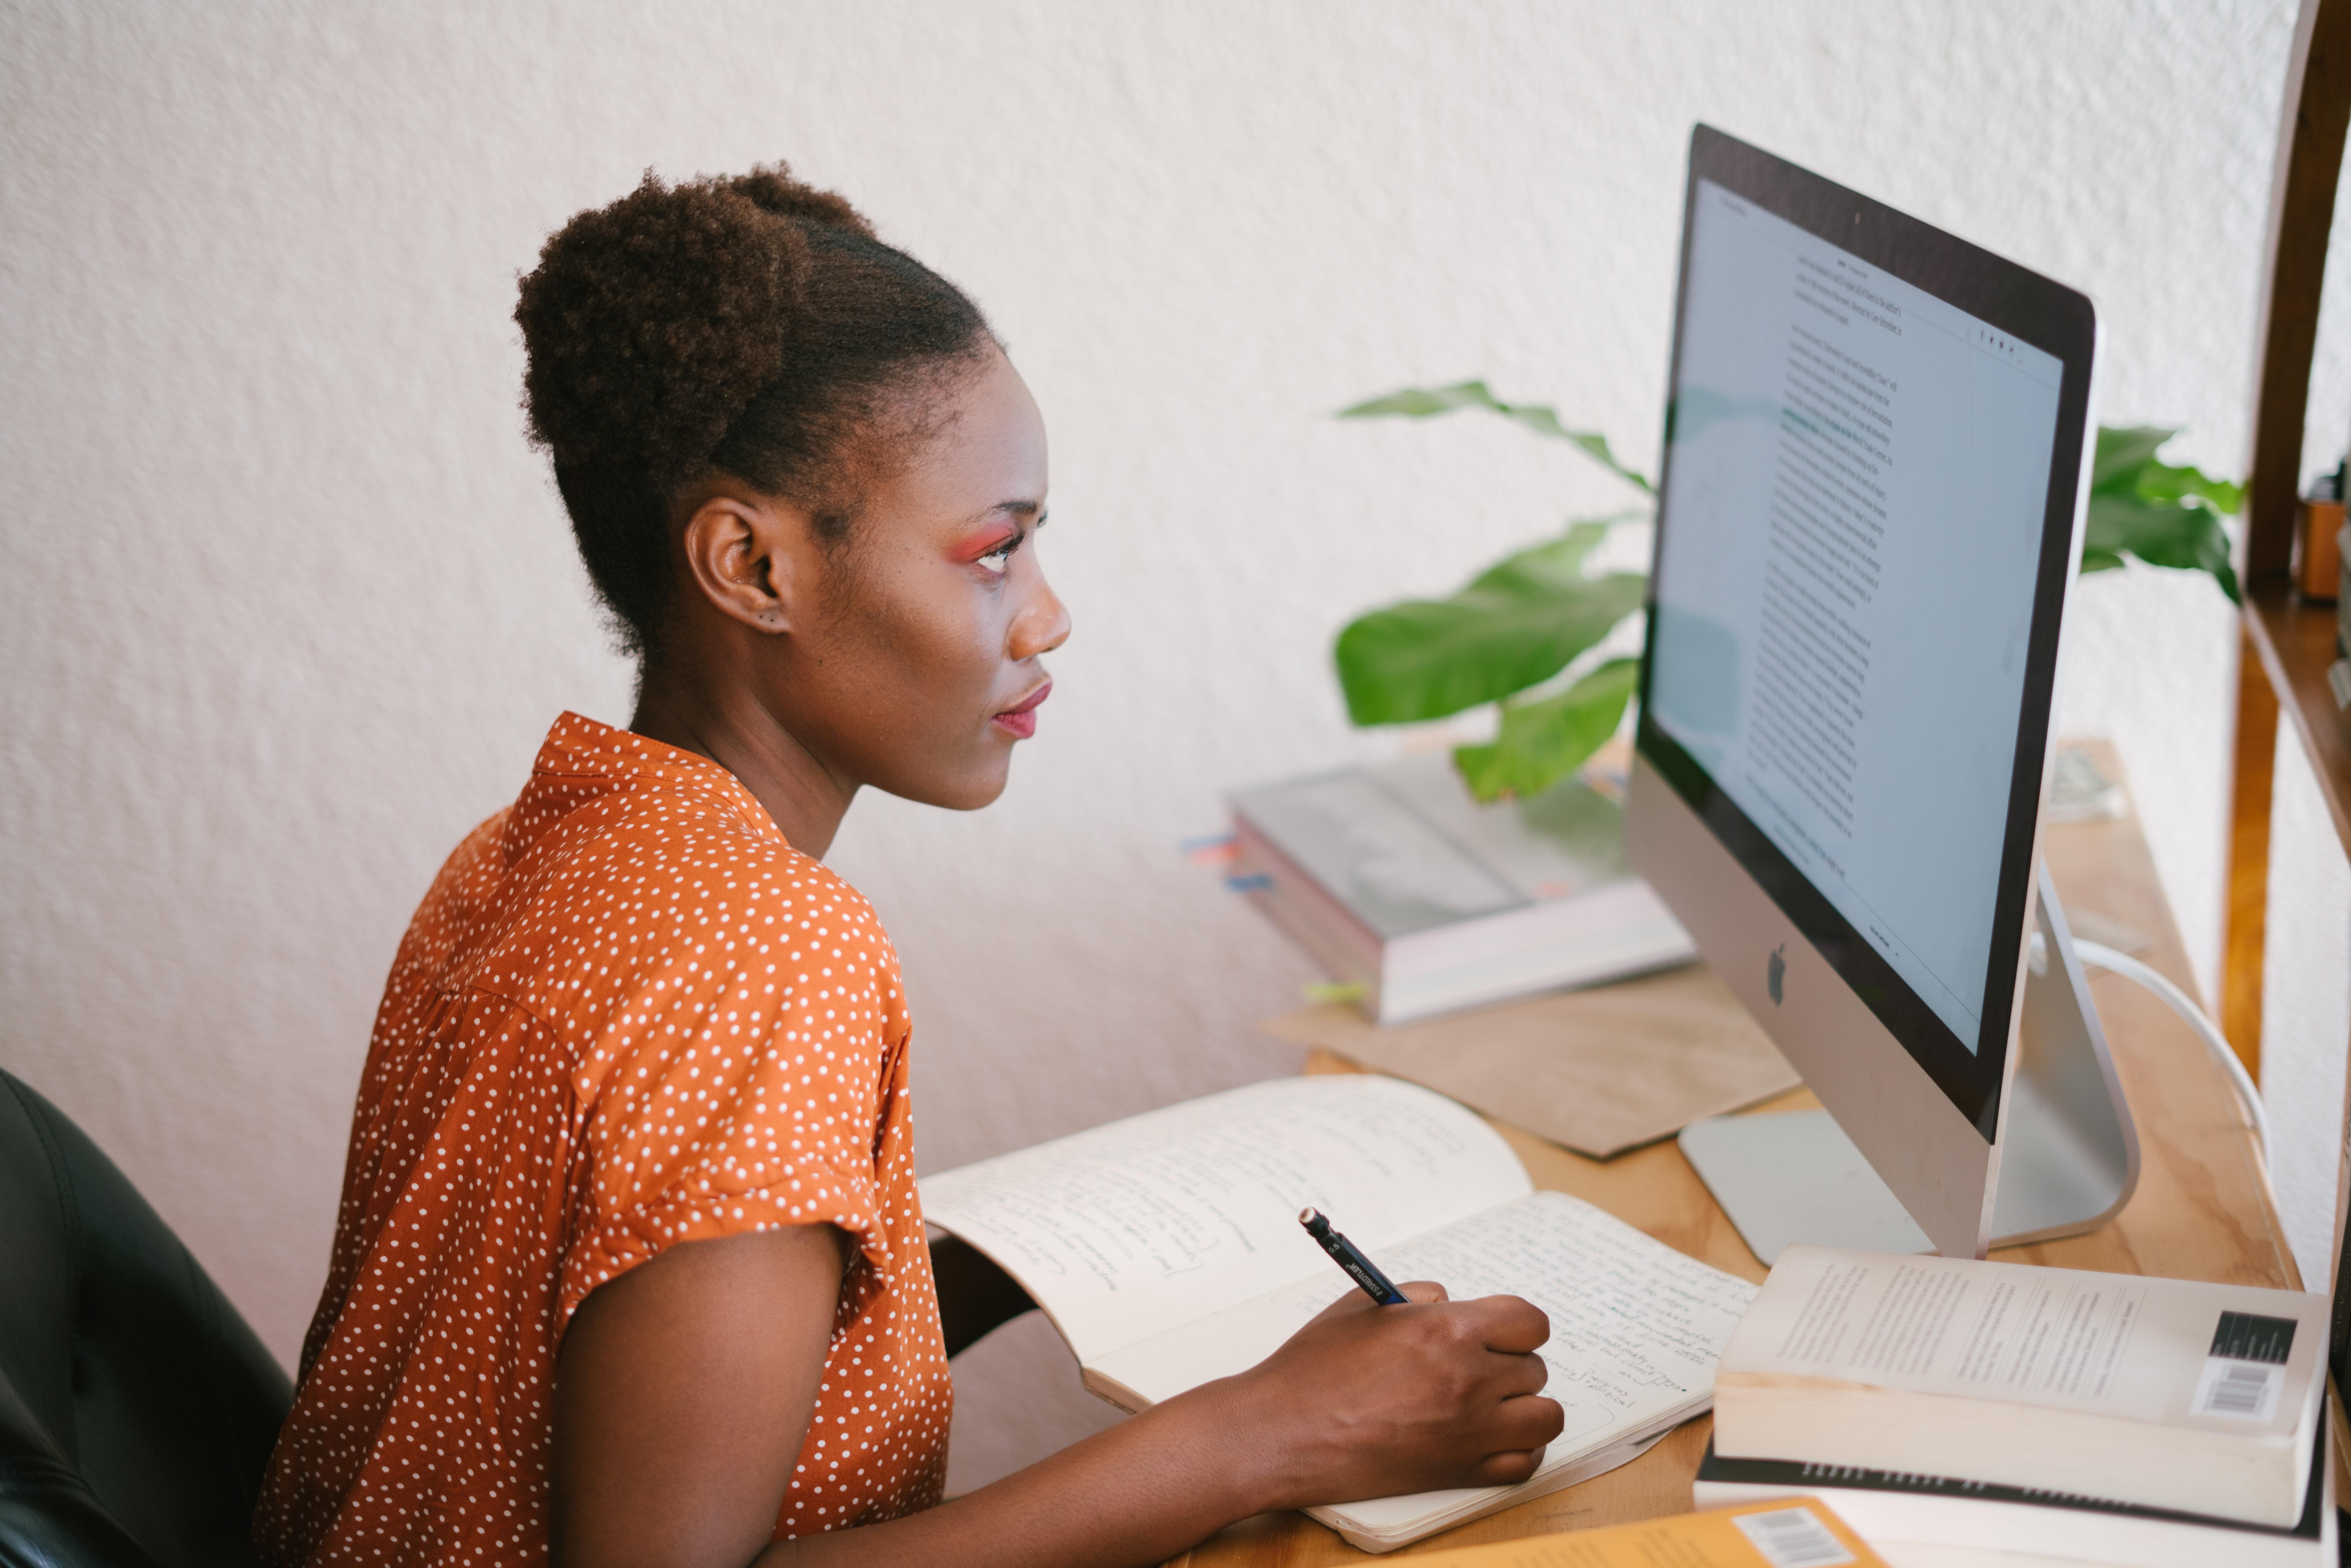 Die Kriterien für die Auswahl eines LMS sind sehr wichtig für den Erfolg und das Management Ihres E-Learning-Trainings.